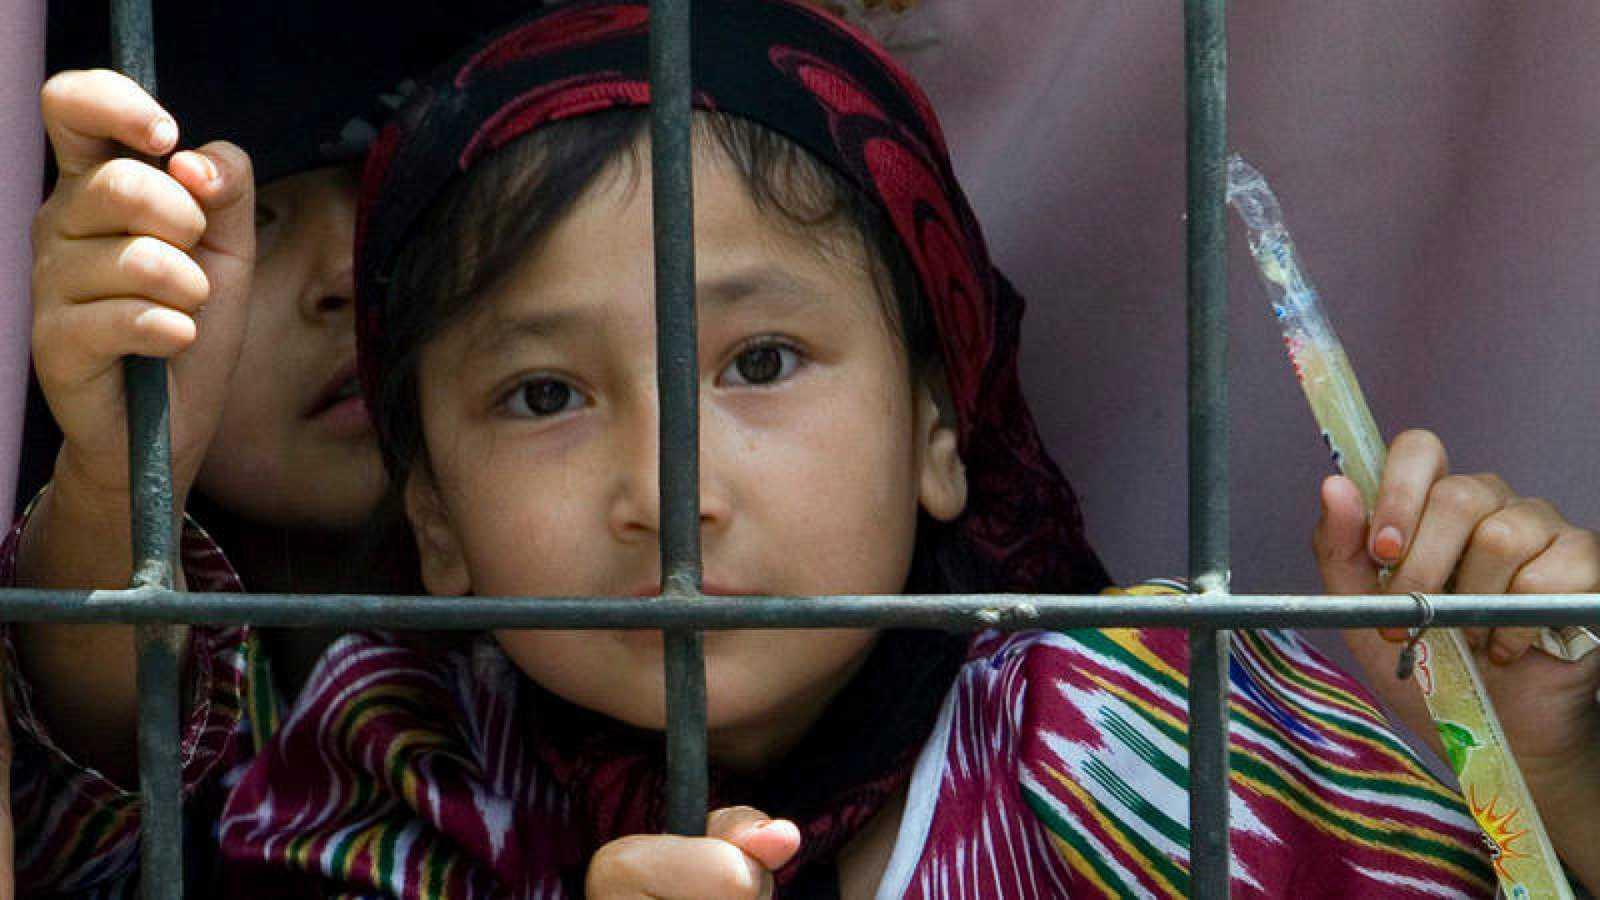 Reportajes 5 Continentes - China, acusada de persecución de los Uigures - Escuchar ahora